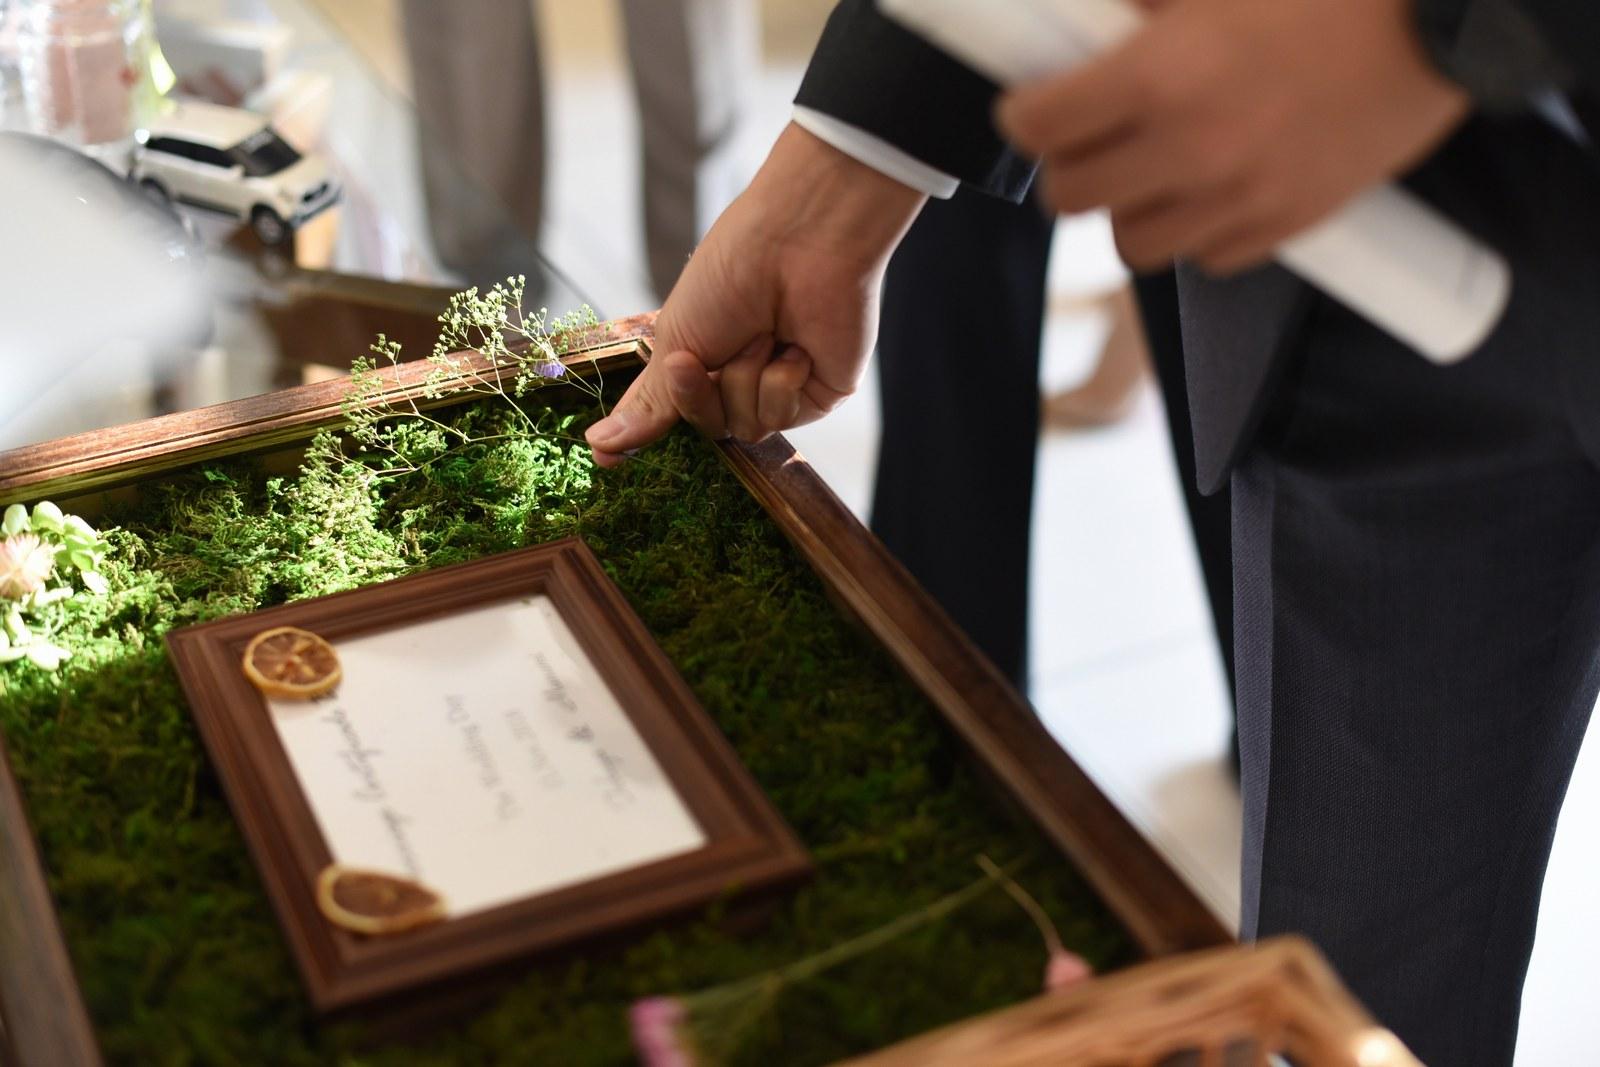 高松市の結婚式場アイルバレクラブでフラワーボックスにお花を飾るゲスト